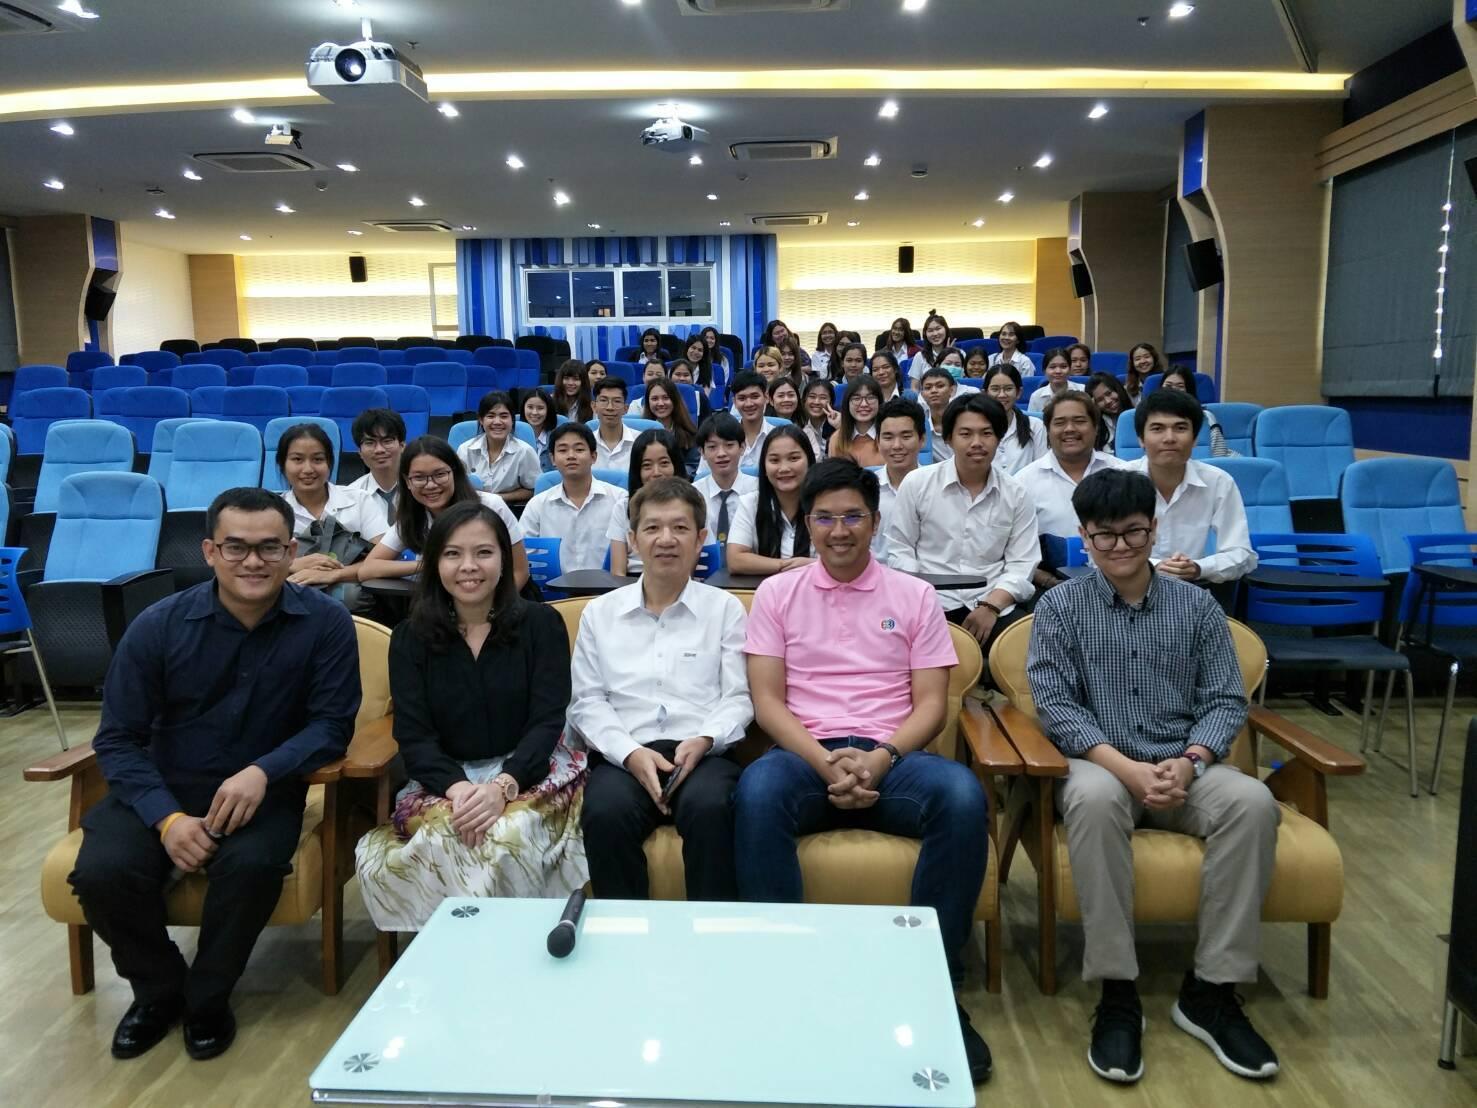 โครงการสานสัมพันธ์ชาวอุตสาหกรรมพาณิชยนาวี 2561 MIM Family Meeting 2018